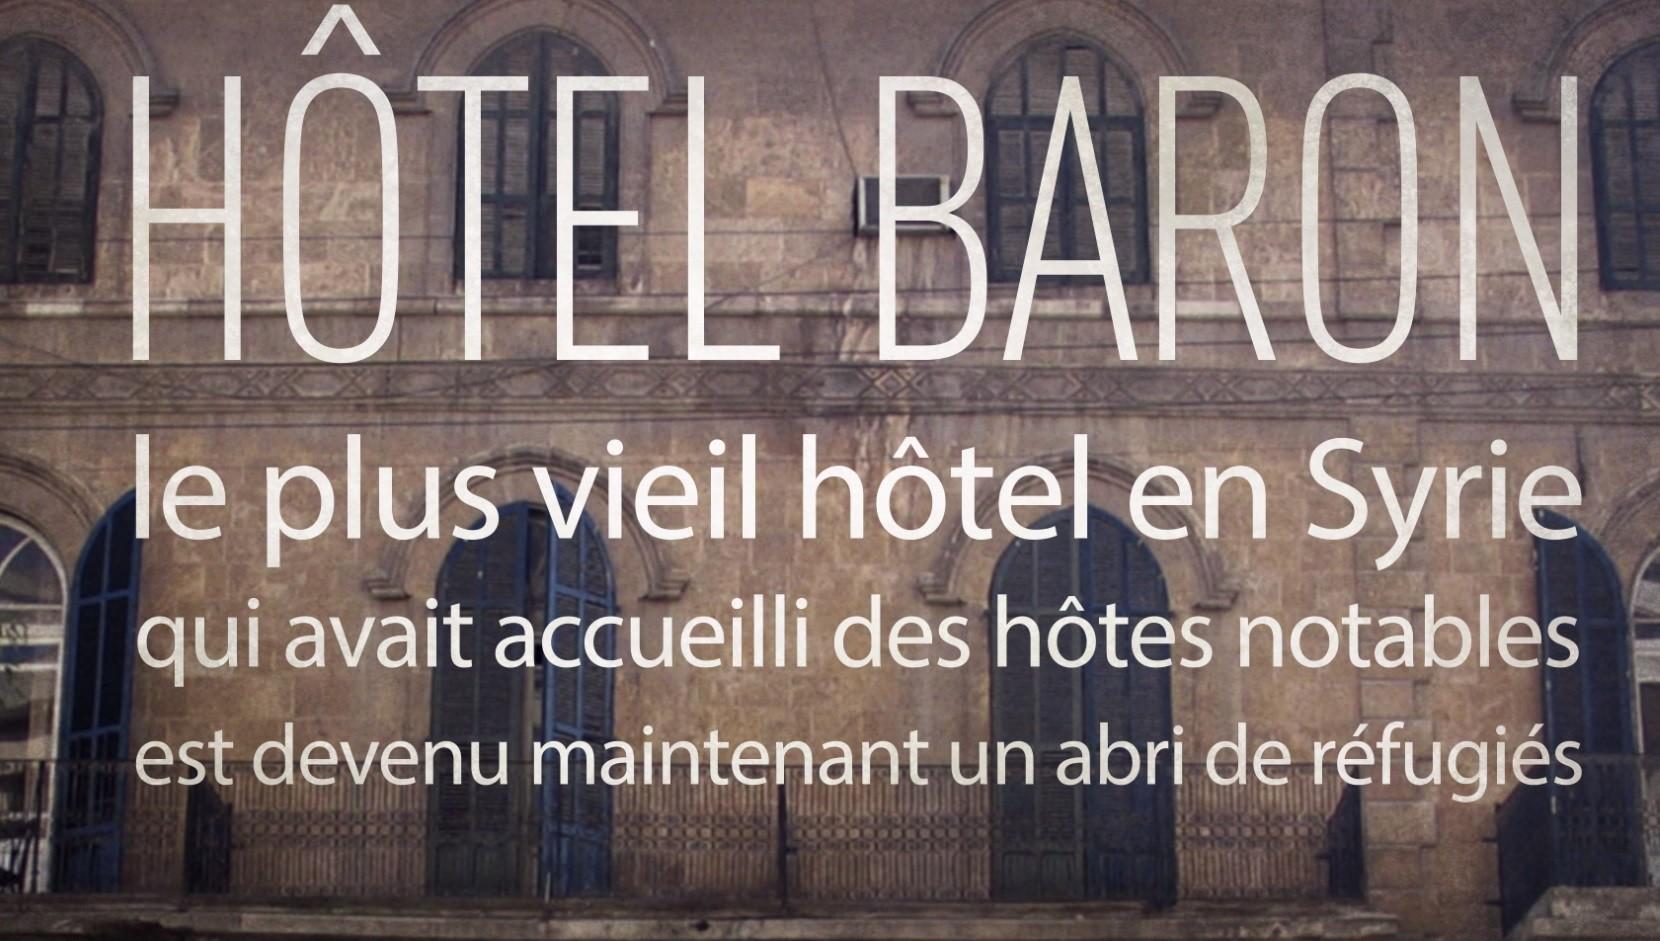 Après avoir reçu Charles de Gaulle et Agatha Christie, un hôtel d'Alep accueille les réfugiés